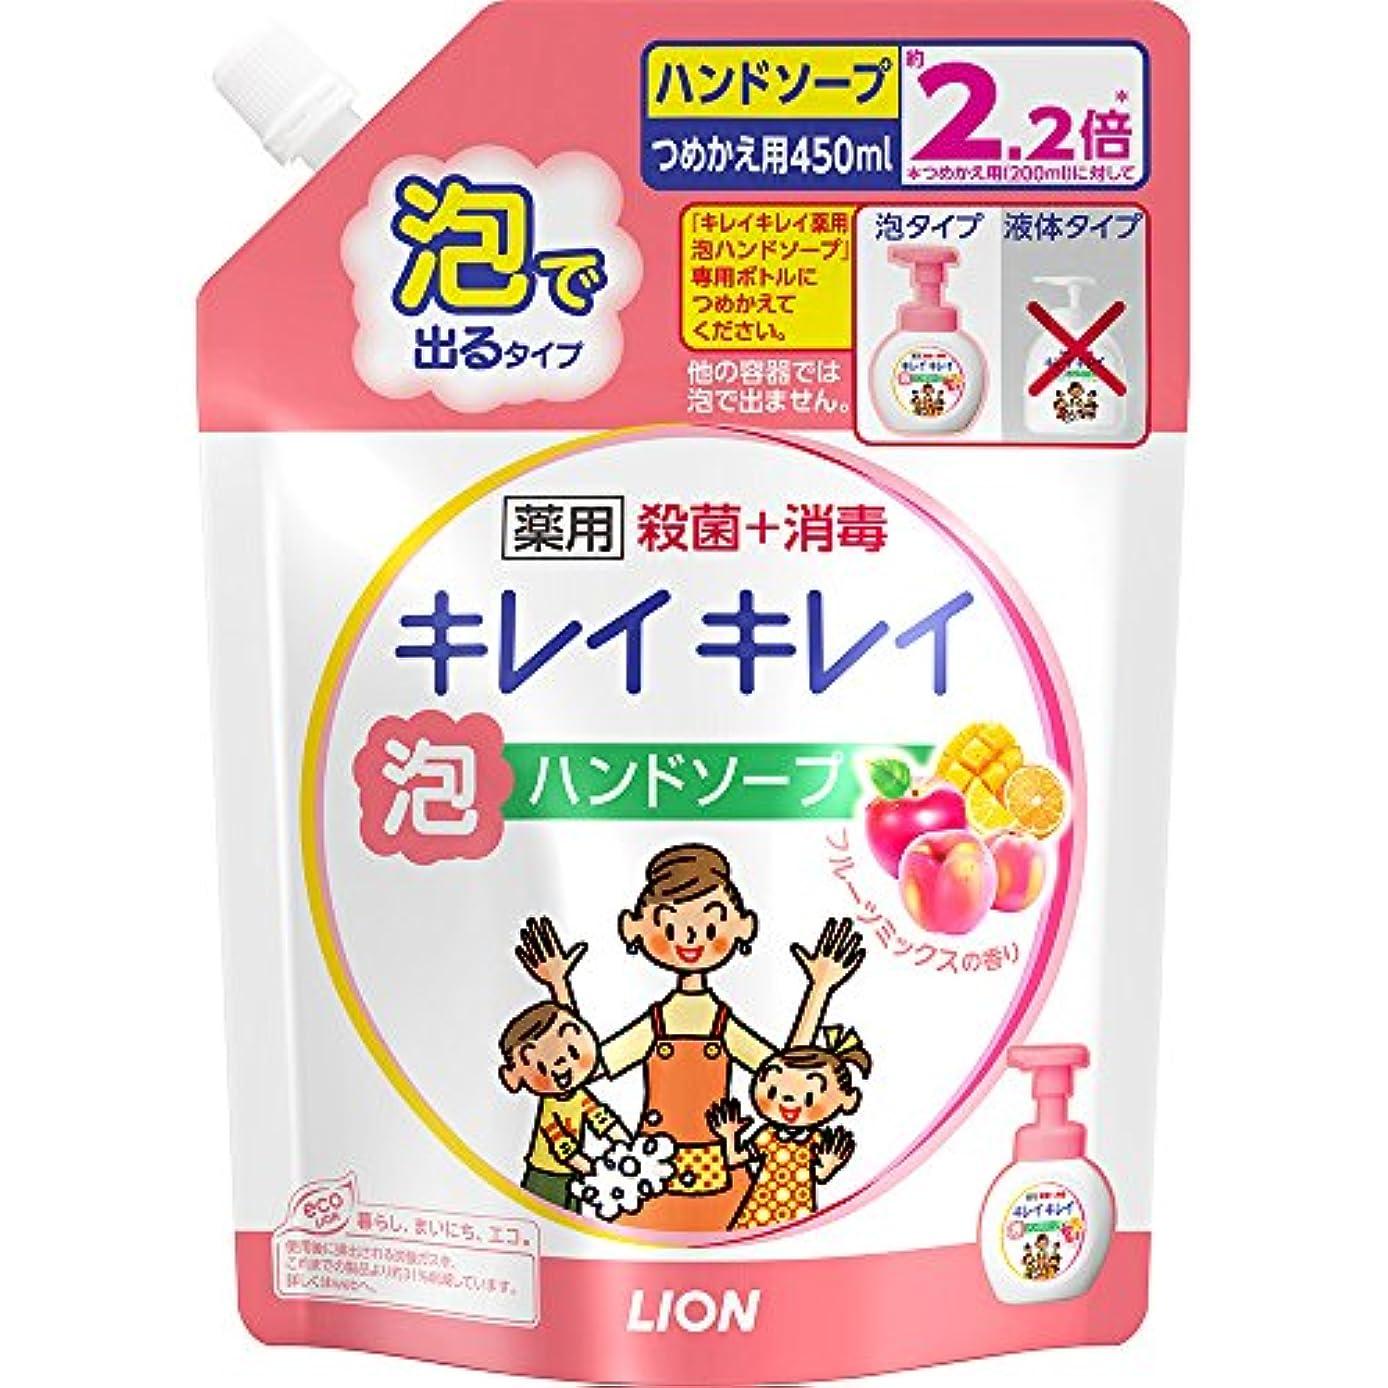 容量戦略受け入れキレイキレイ 薬用 泡ハンドソープ フルーツミックスの香り 詰め替え 450ml(医薬部外品)